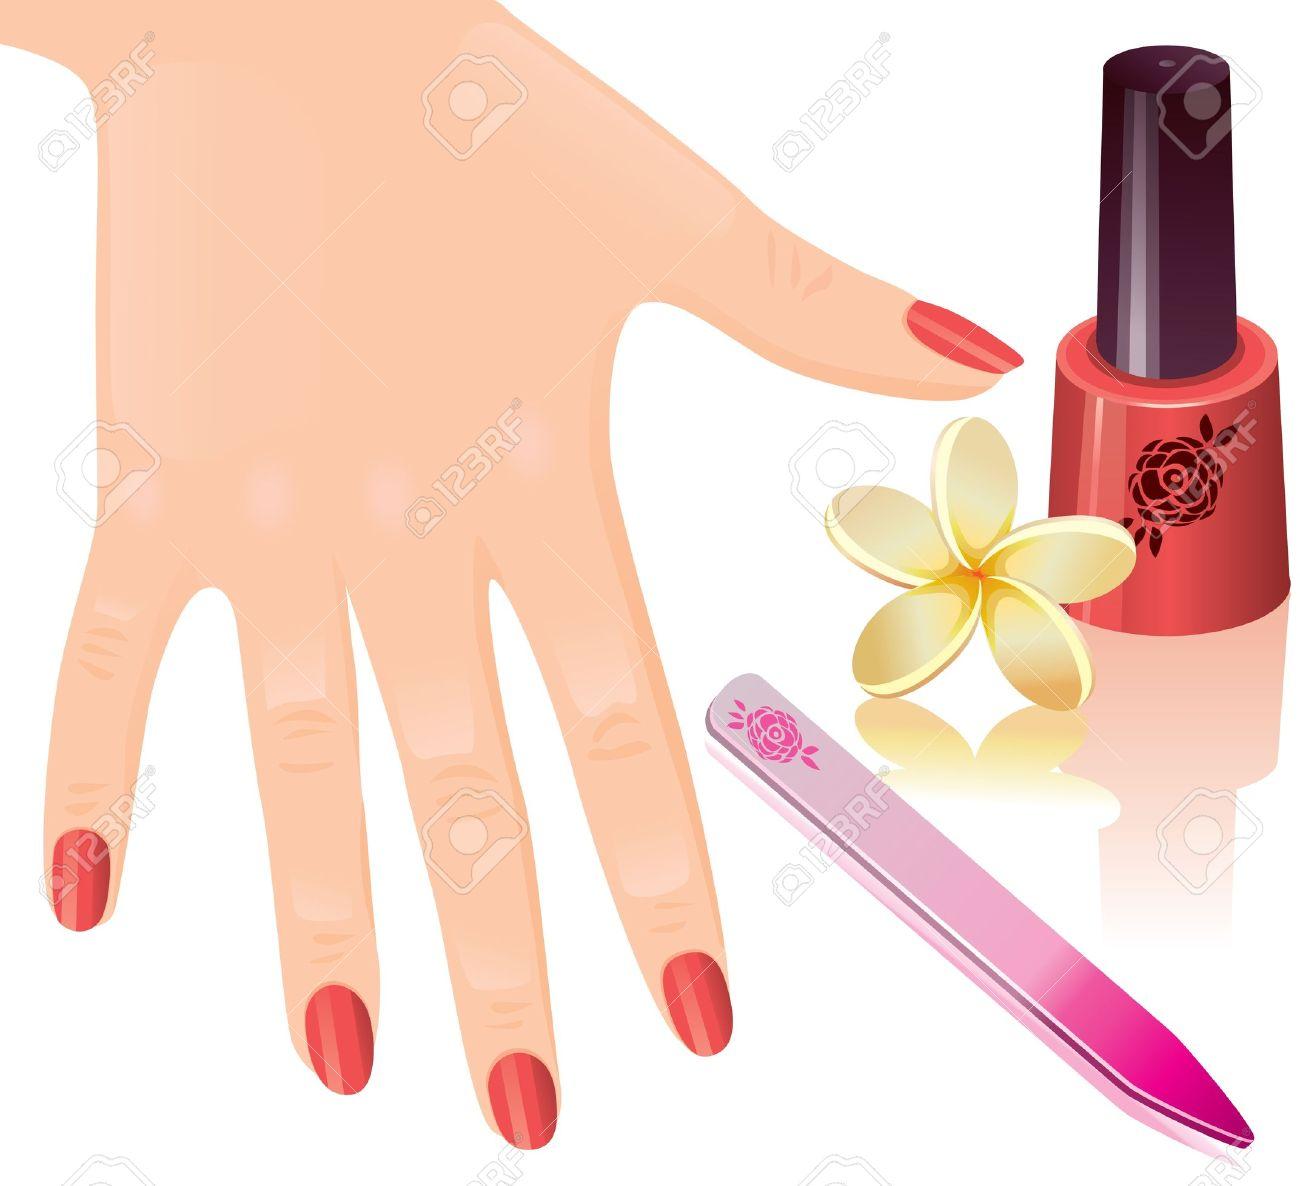 manicure: The beautiful female .-manicure: The beautiful female .-1